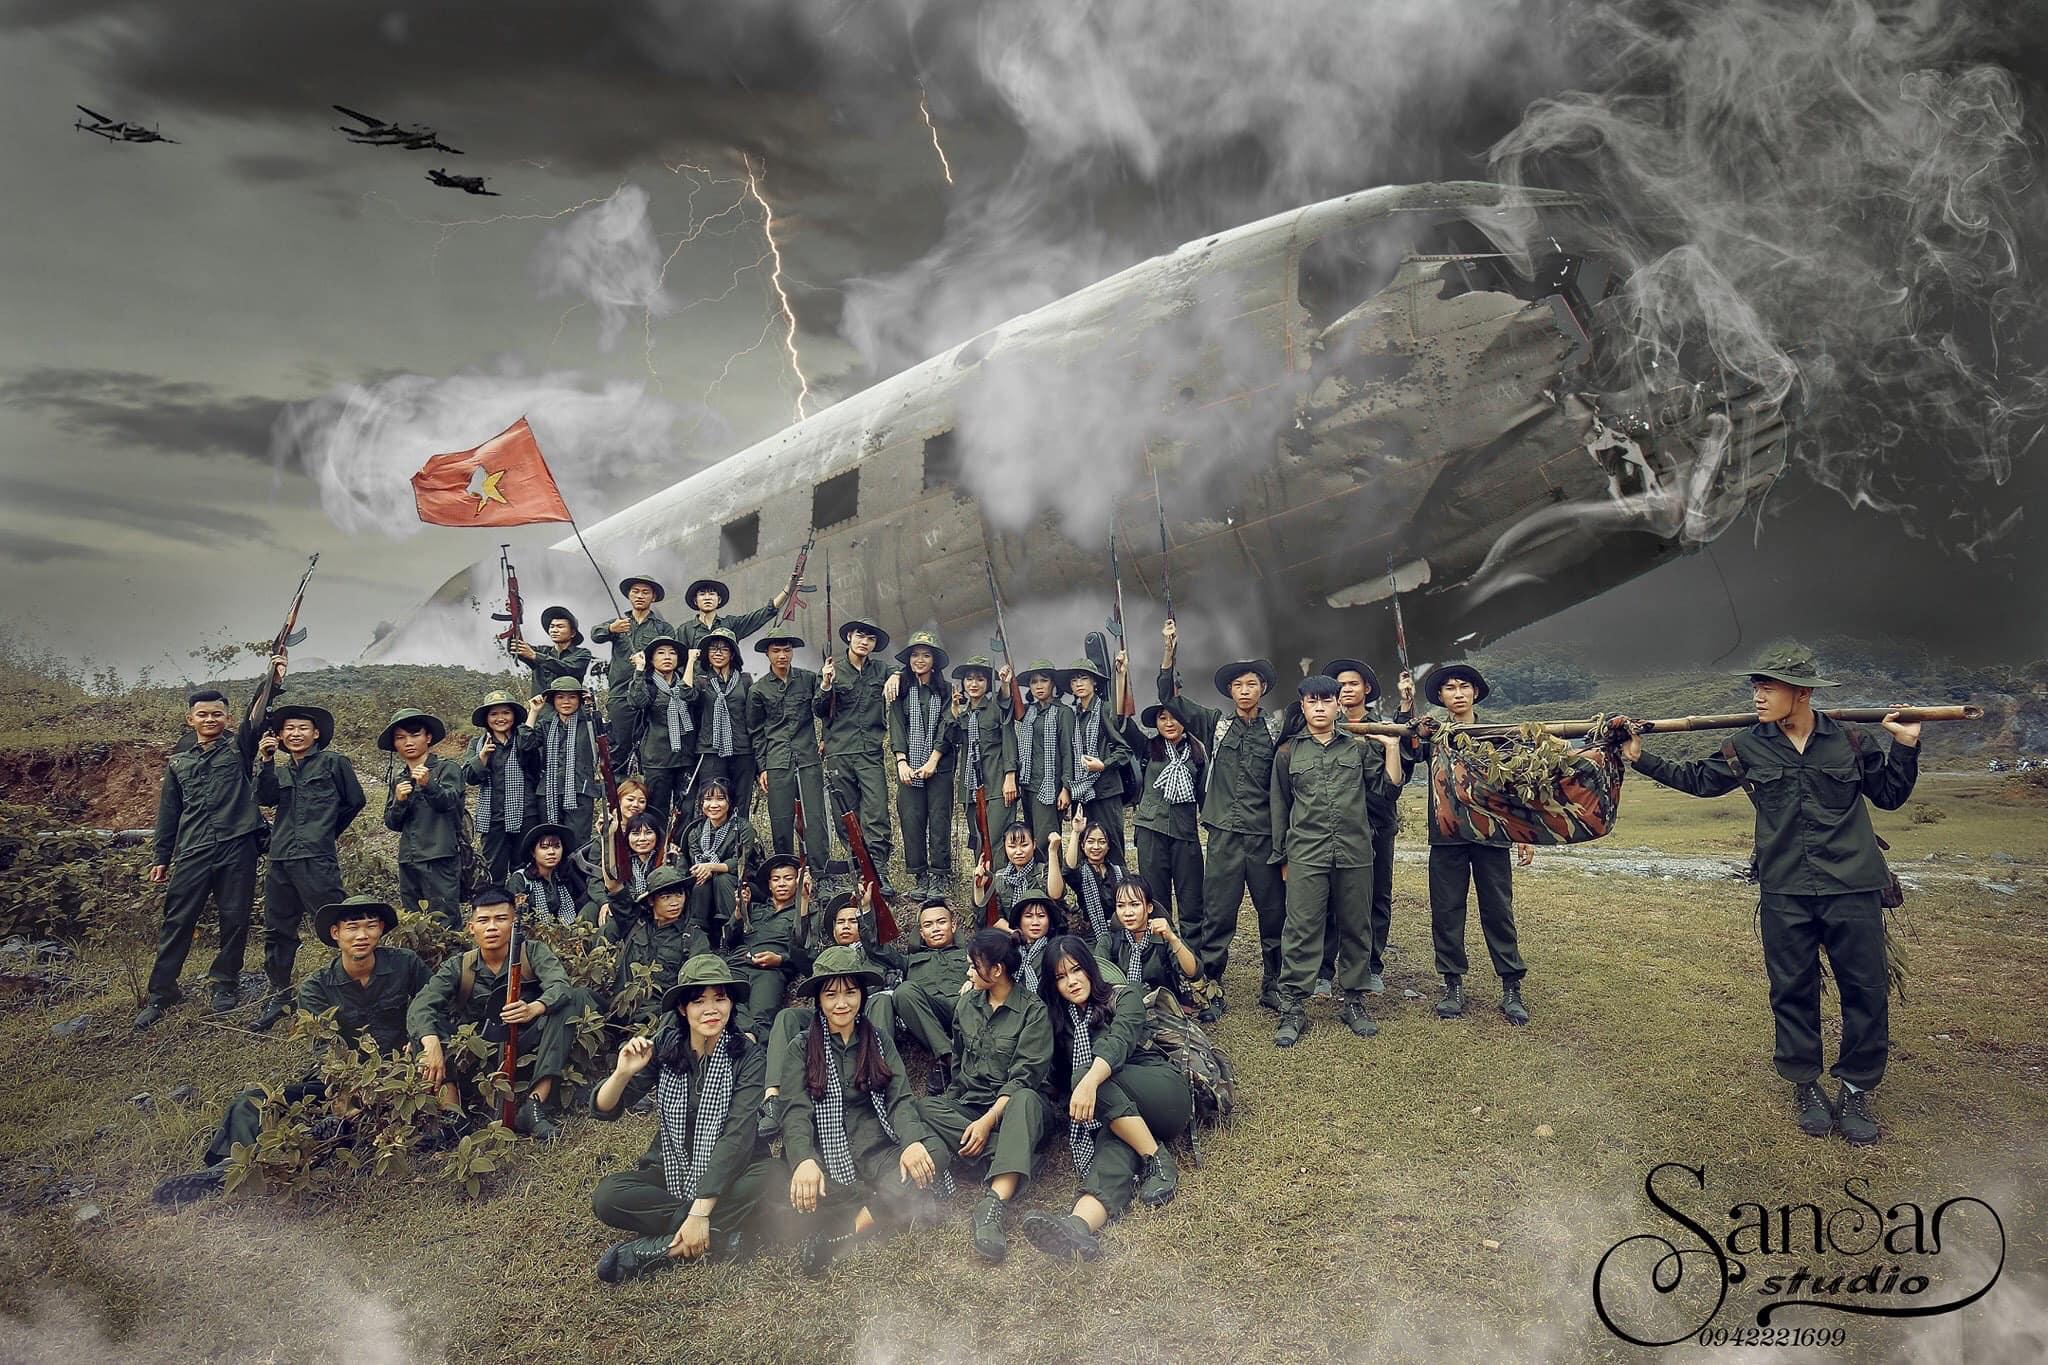 Bộ ảnh kỷ yếu độc đáo tái hiện cuộc chiến tranh khốc liệt giải phóng miền Nam, thống nhất đất nước khiến nhiều người xuýt xoa vì quá Đẹp